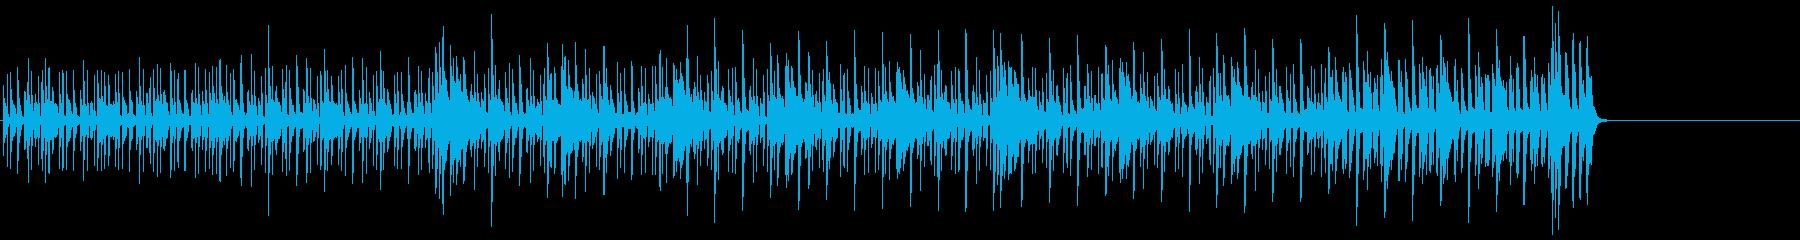 パーカッシヴでタイトなサウンドの再生済みの波形